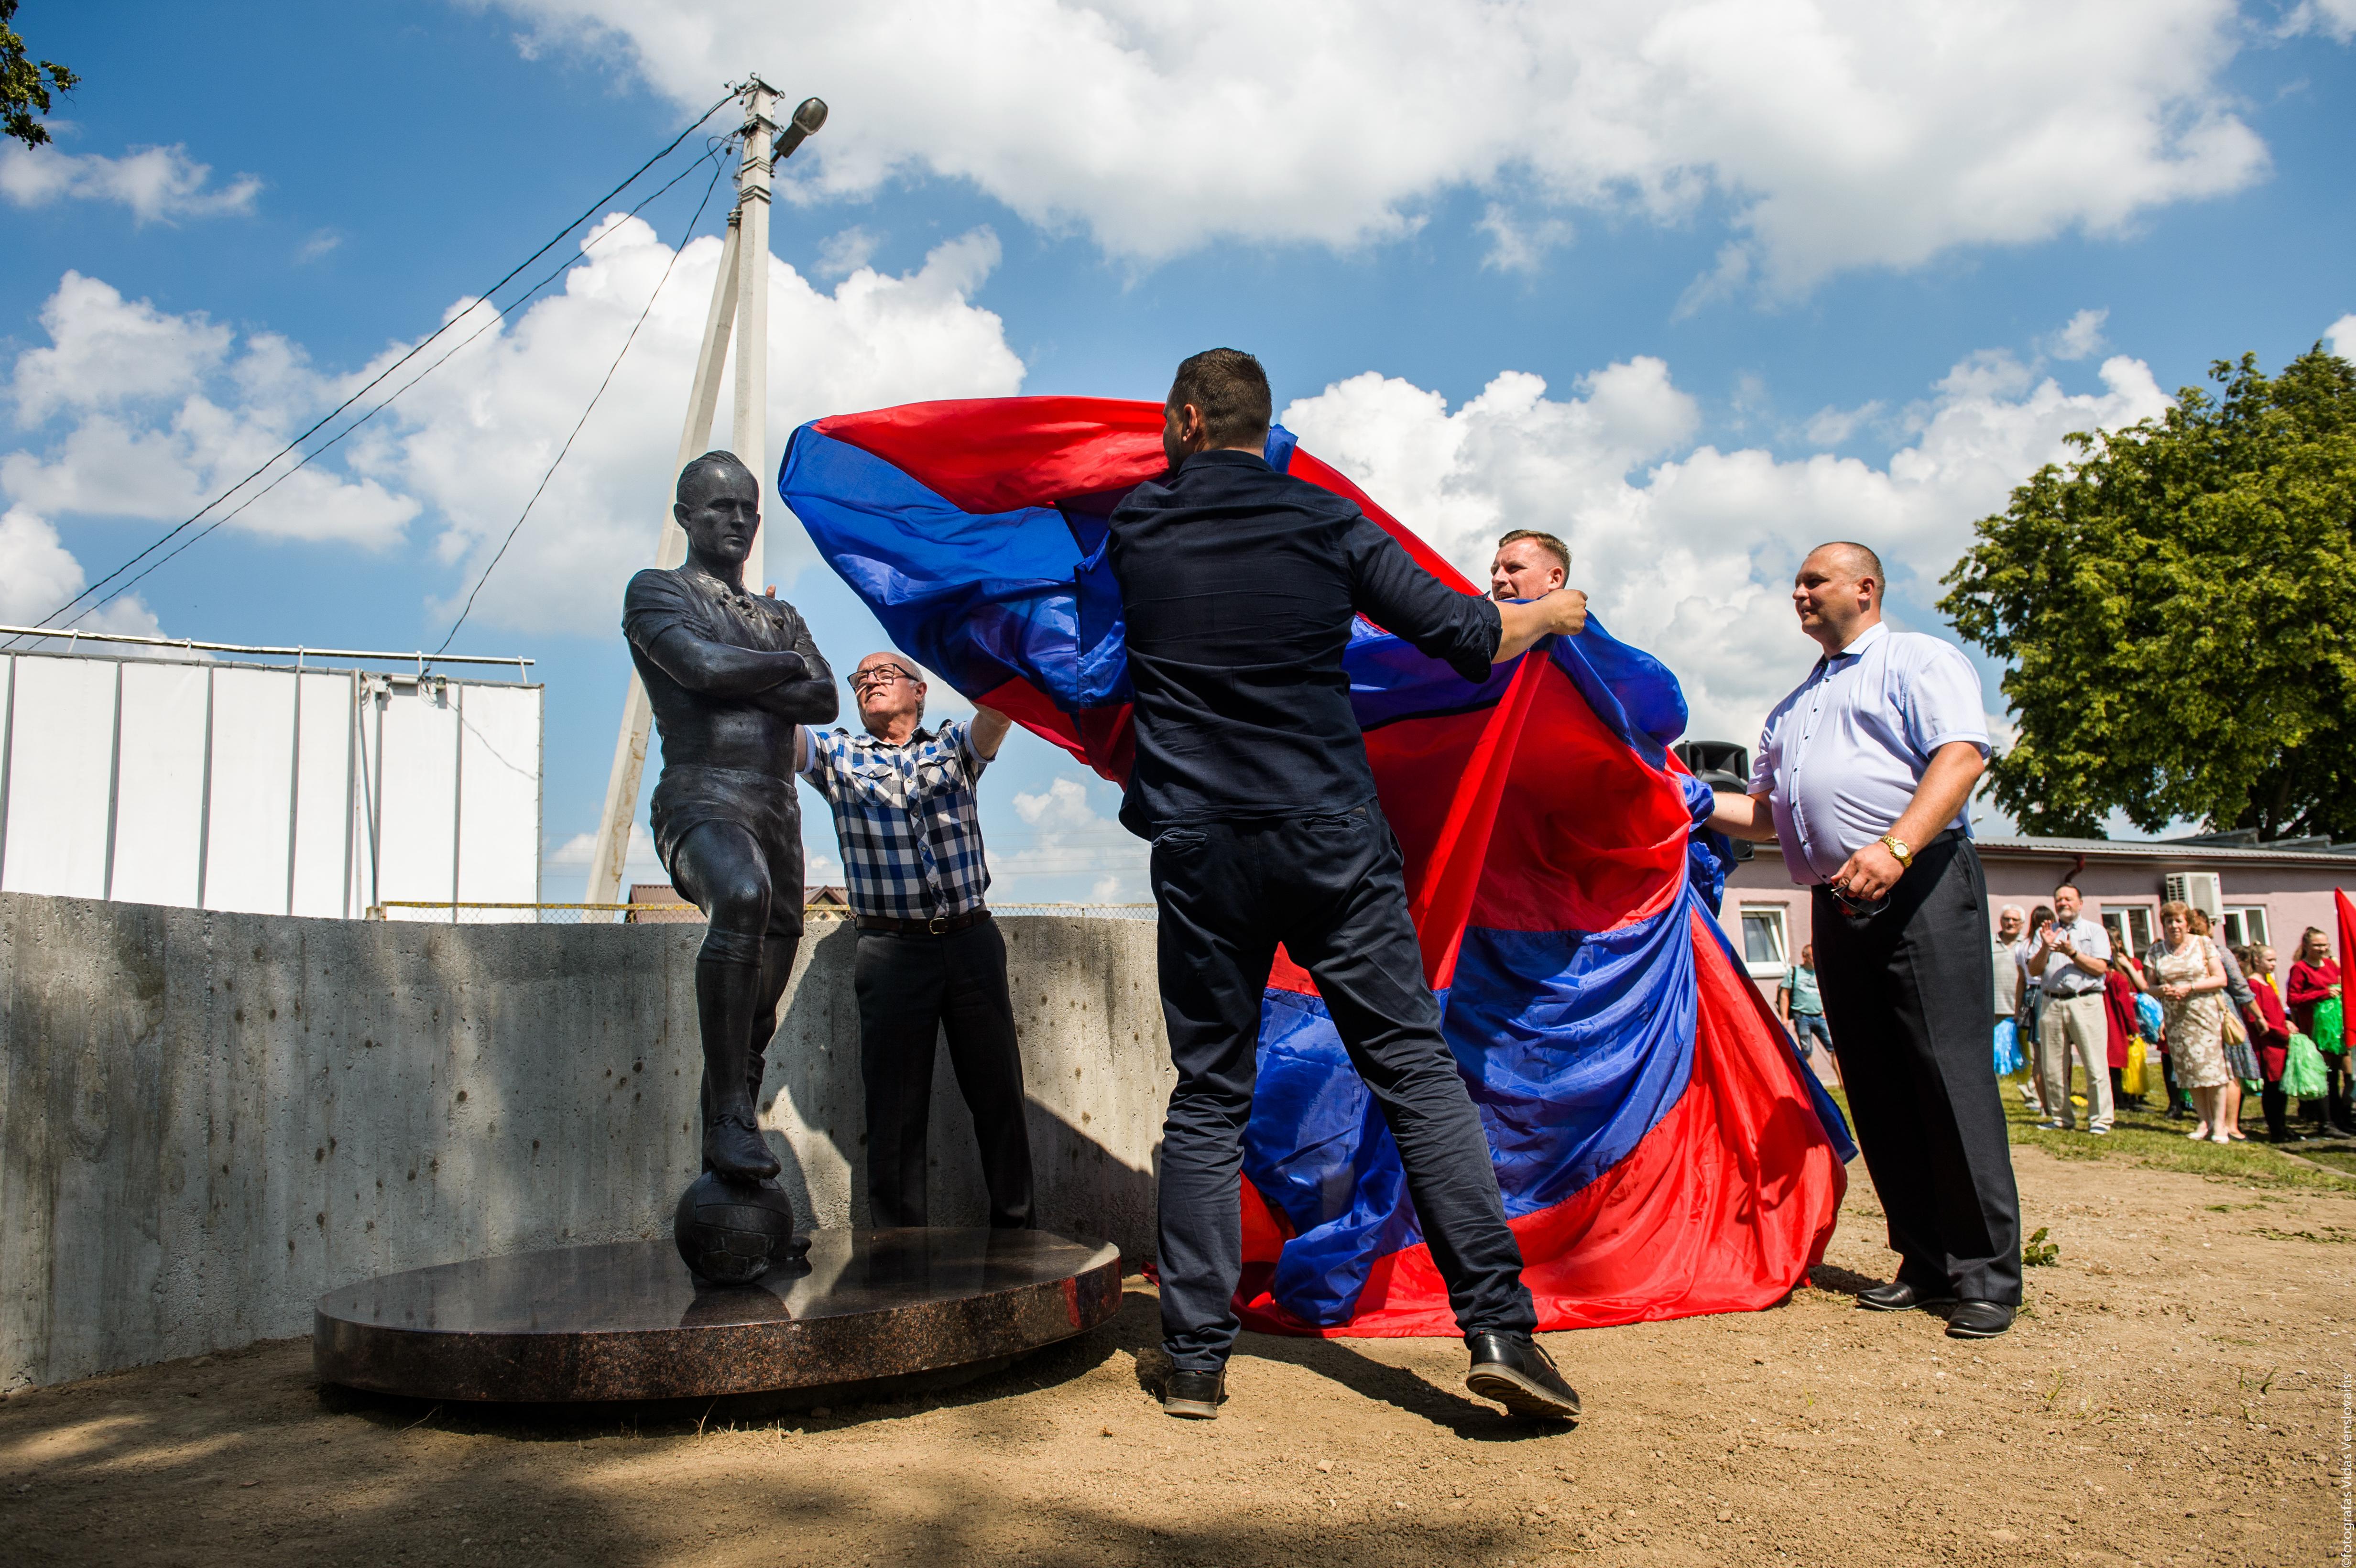 Pirmasis paminklas sporto žmogui Lietuvoje –  Kybartuose